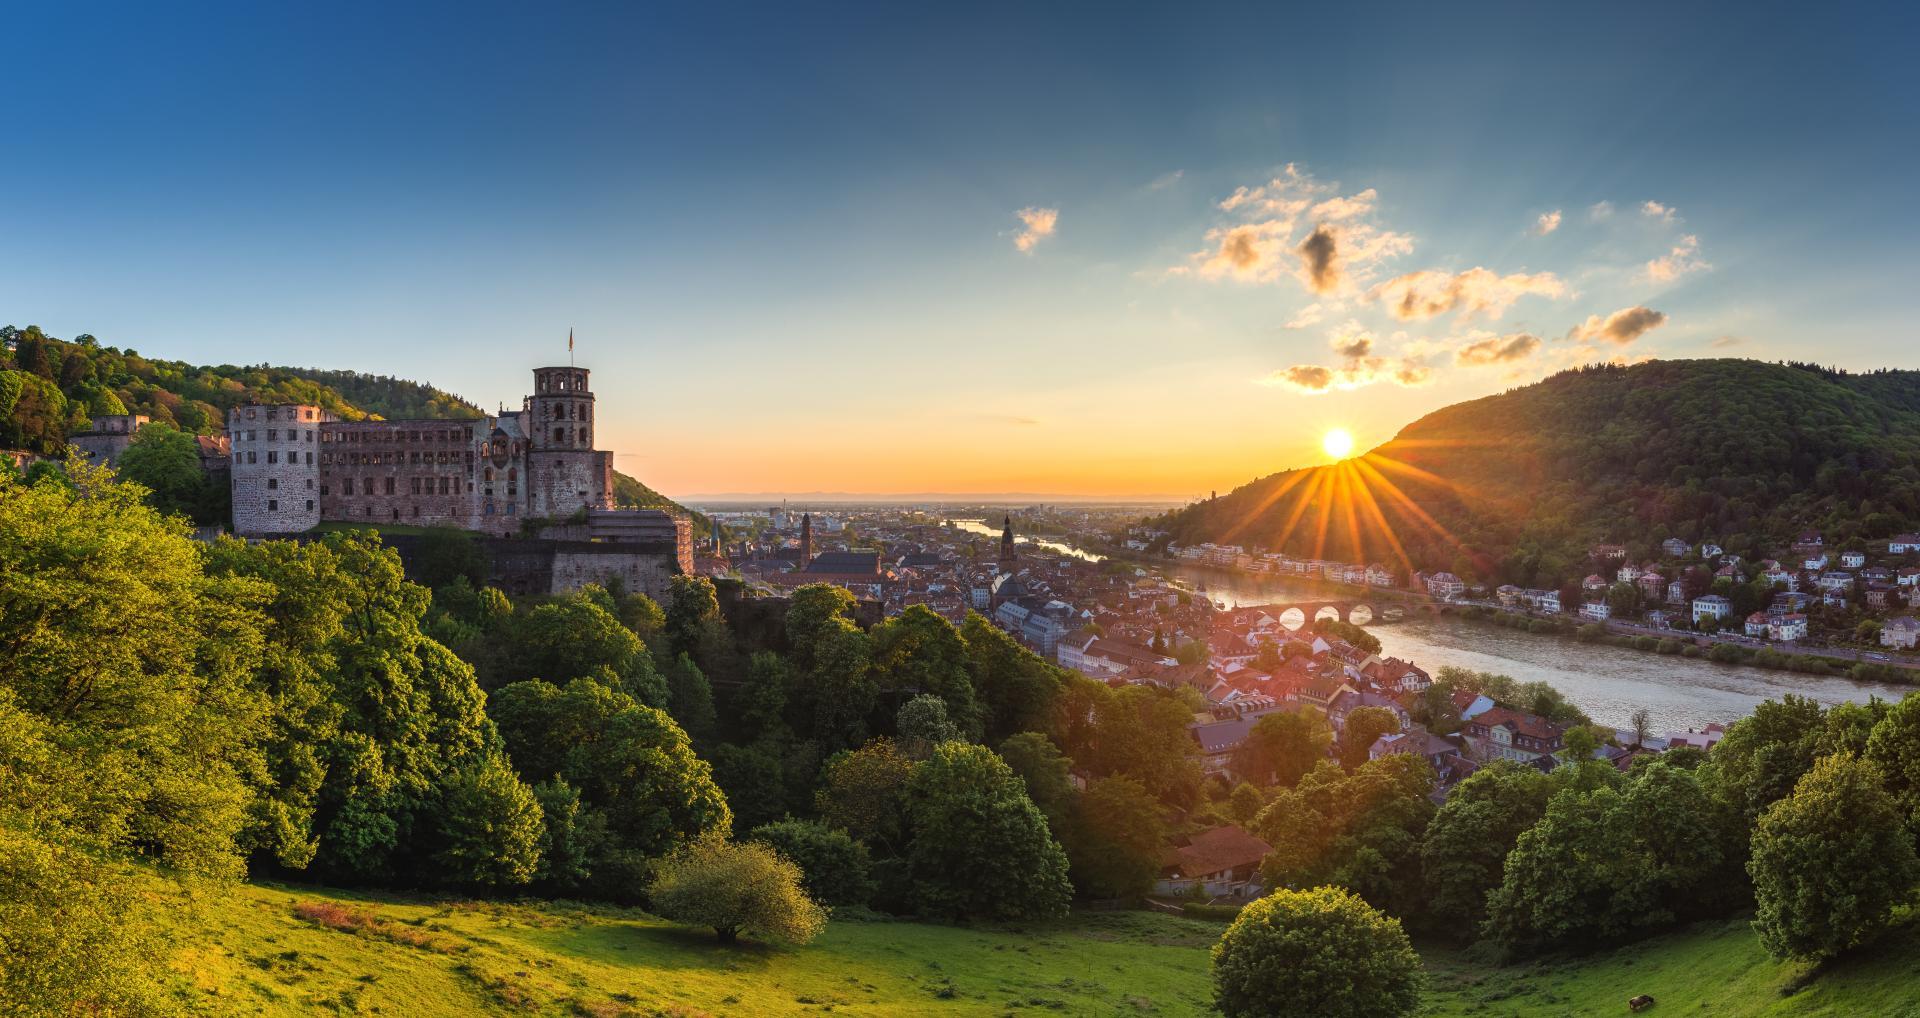 """Heidelberg erweitert Förderprogramm """"Umweltfreundlich mobil"""" - auch in Richtung E-Mobilität"""